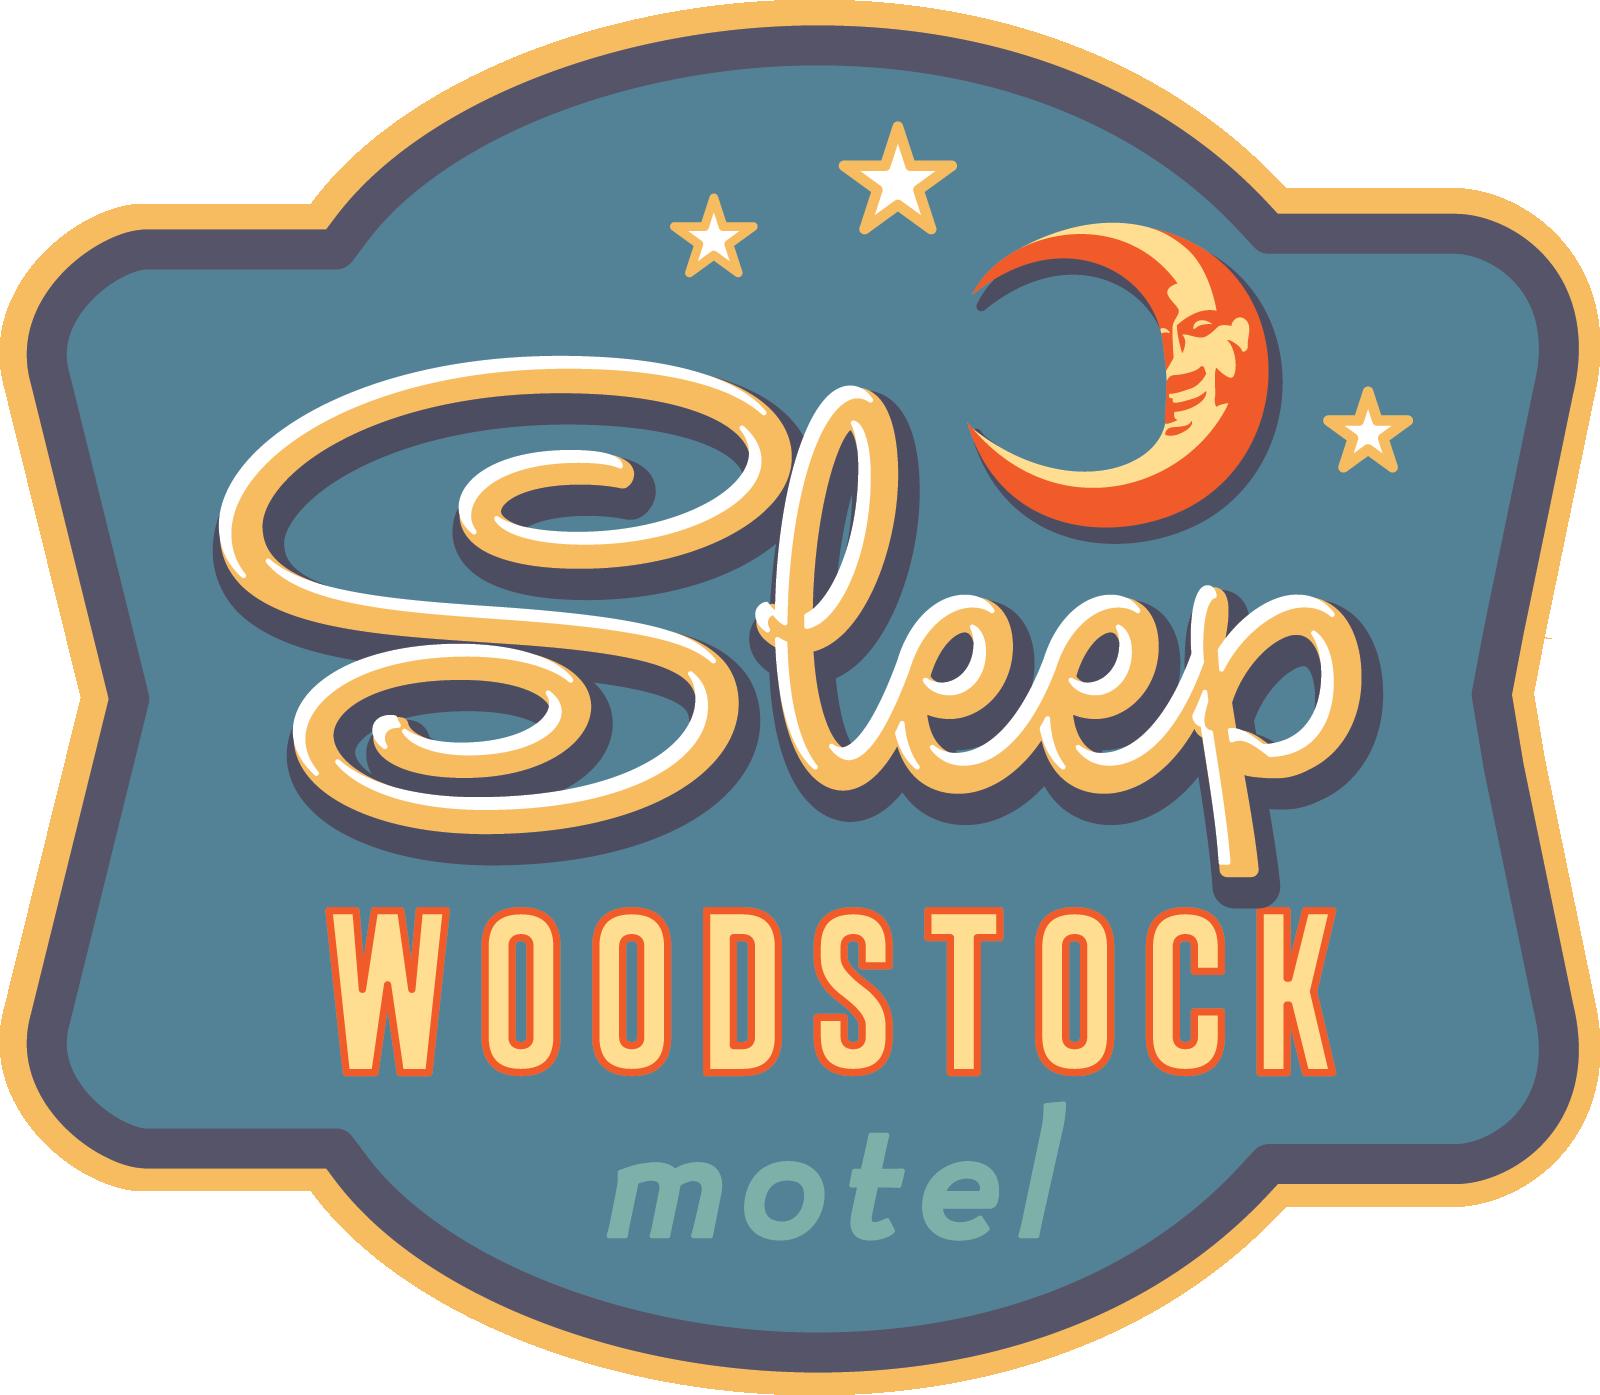 Sleepwoodstock